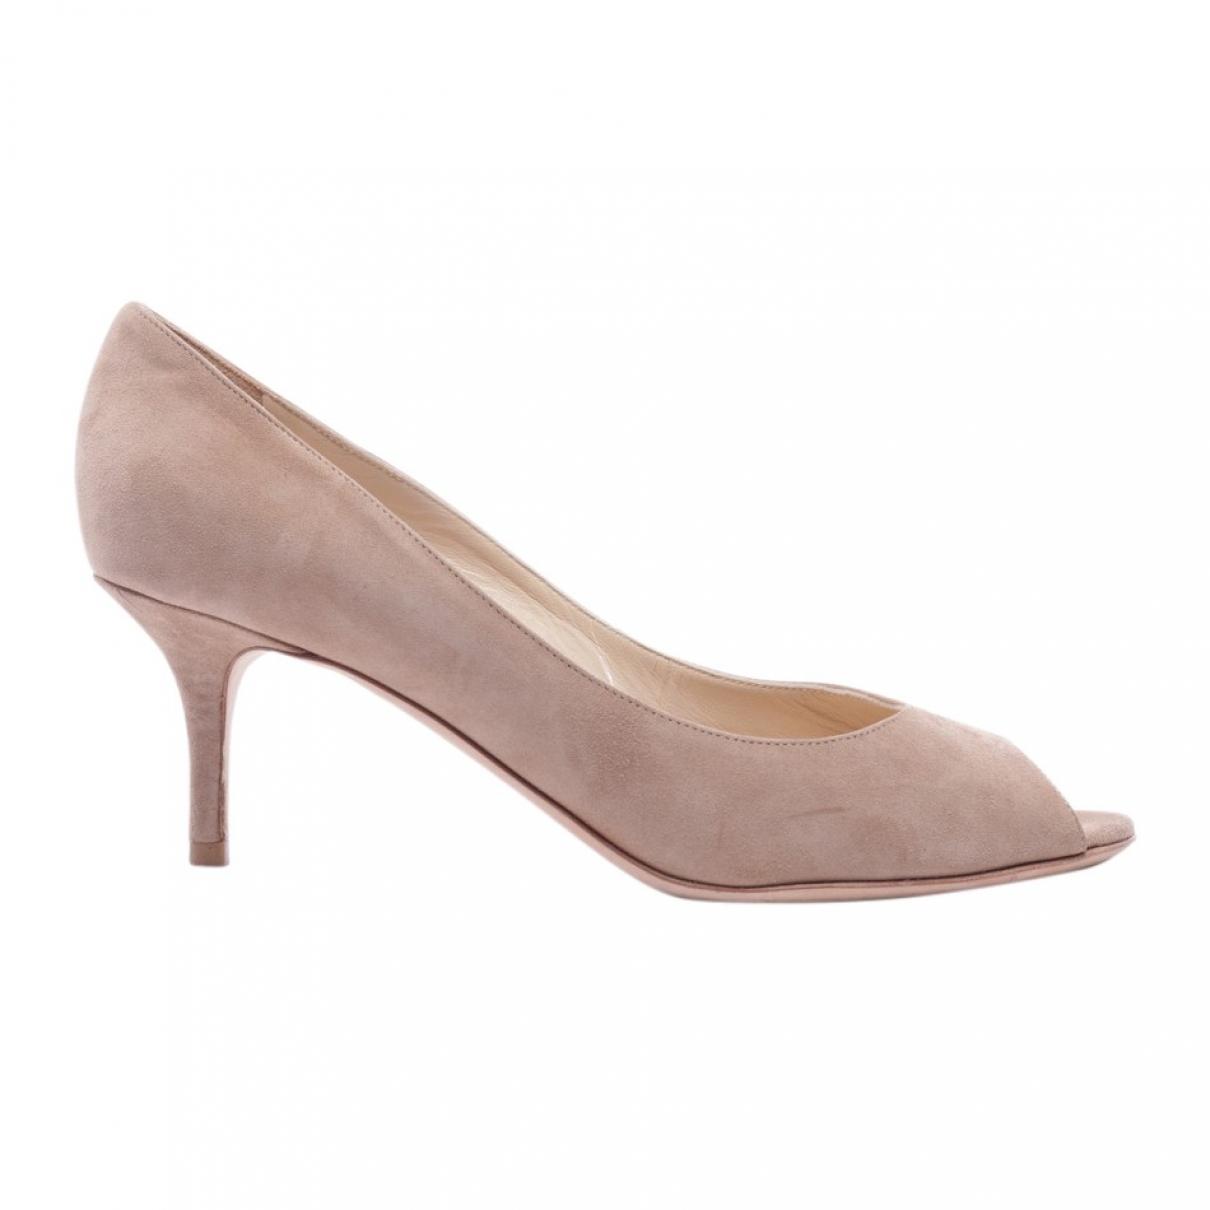 Jimmy Choo \N Beige Cloth Heels for Women 37.5 EU